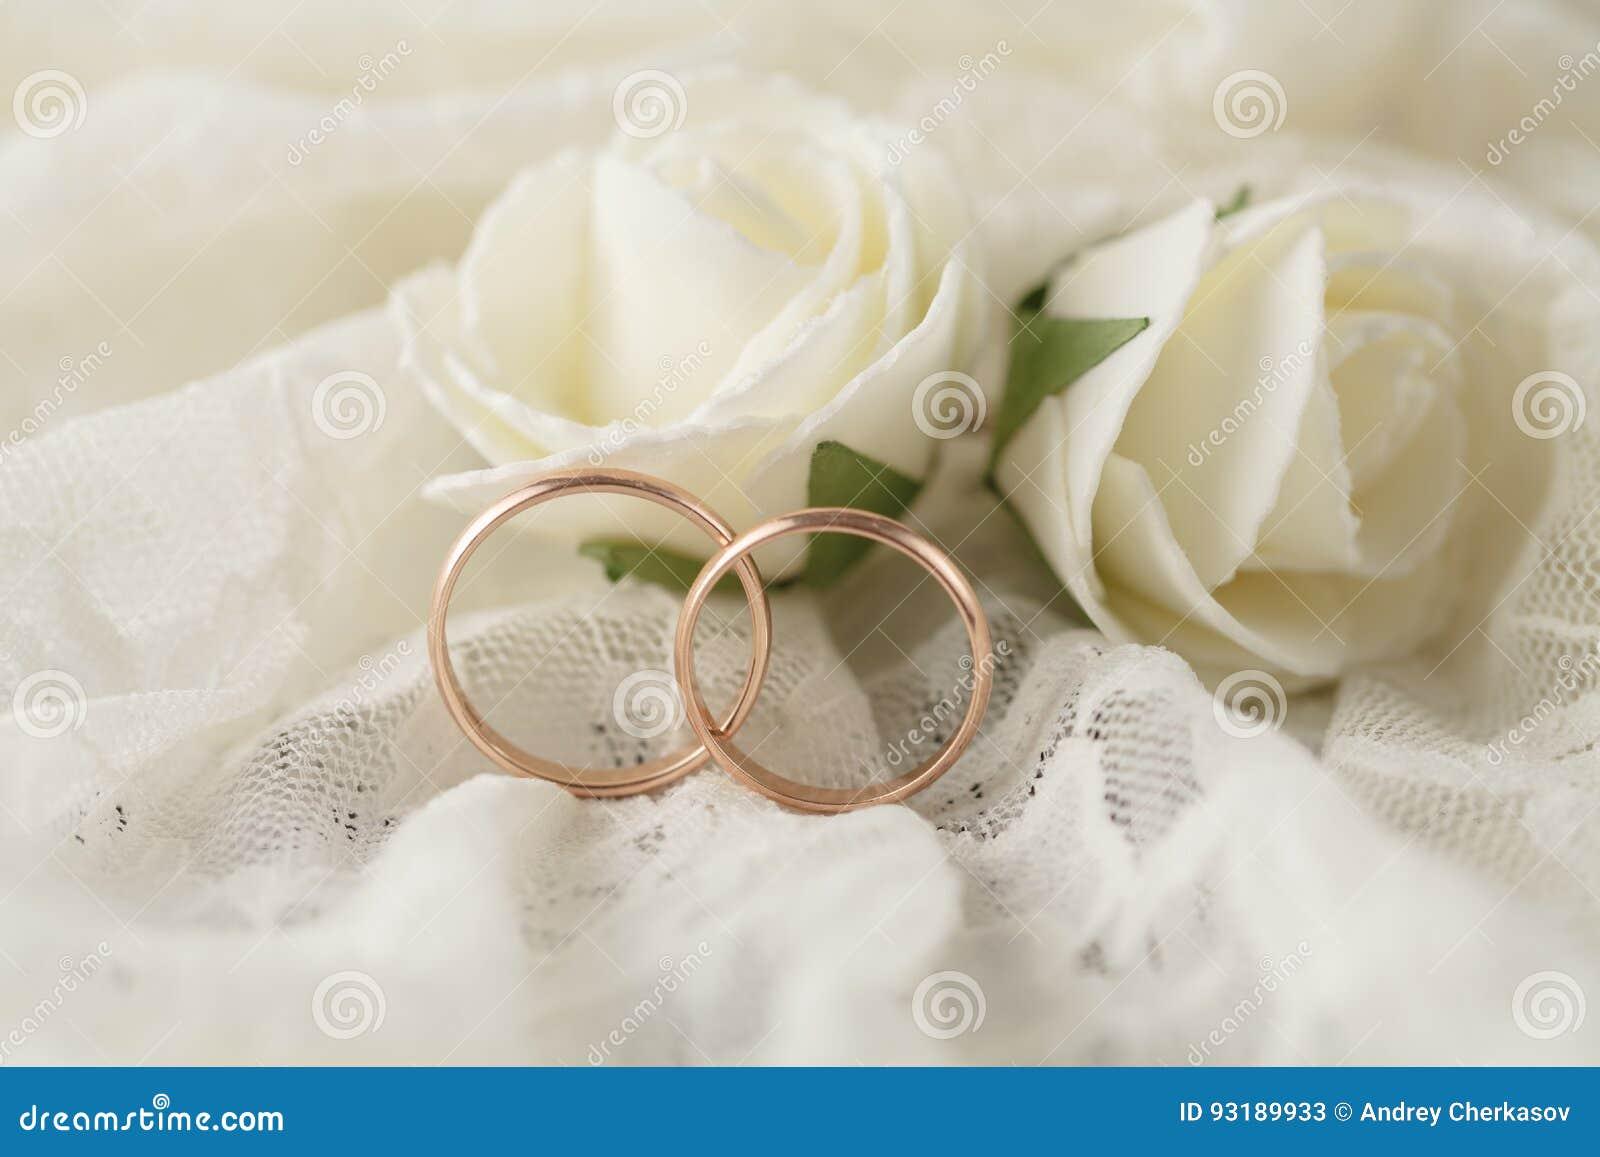 Paare der goldenen Eheringe über Einladung kardieren verziert mit Spitze